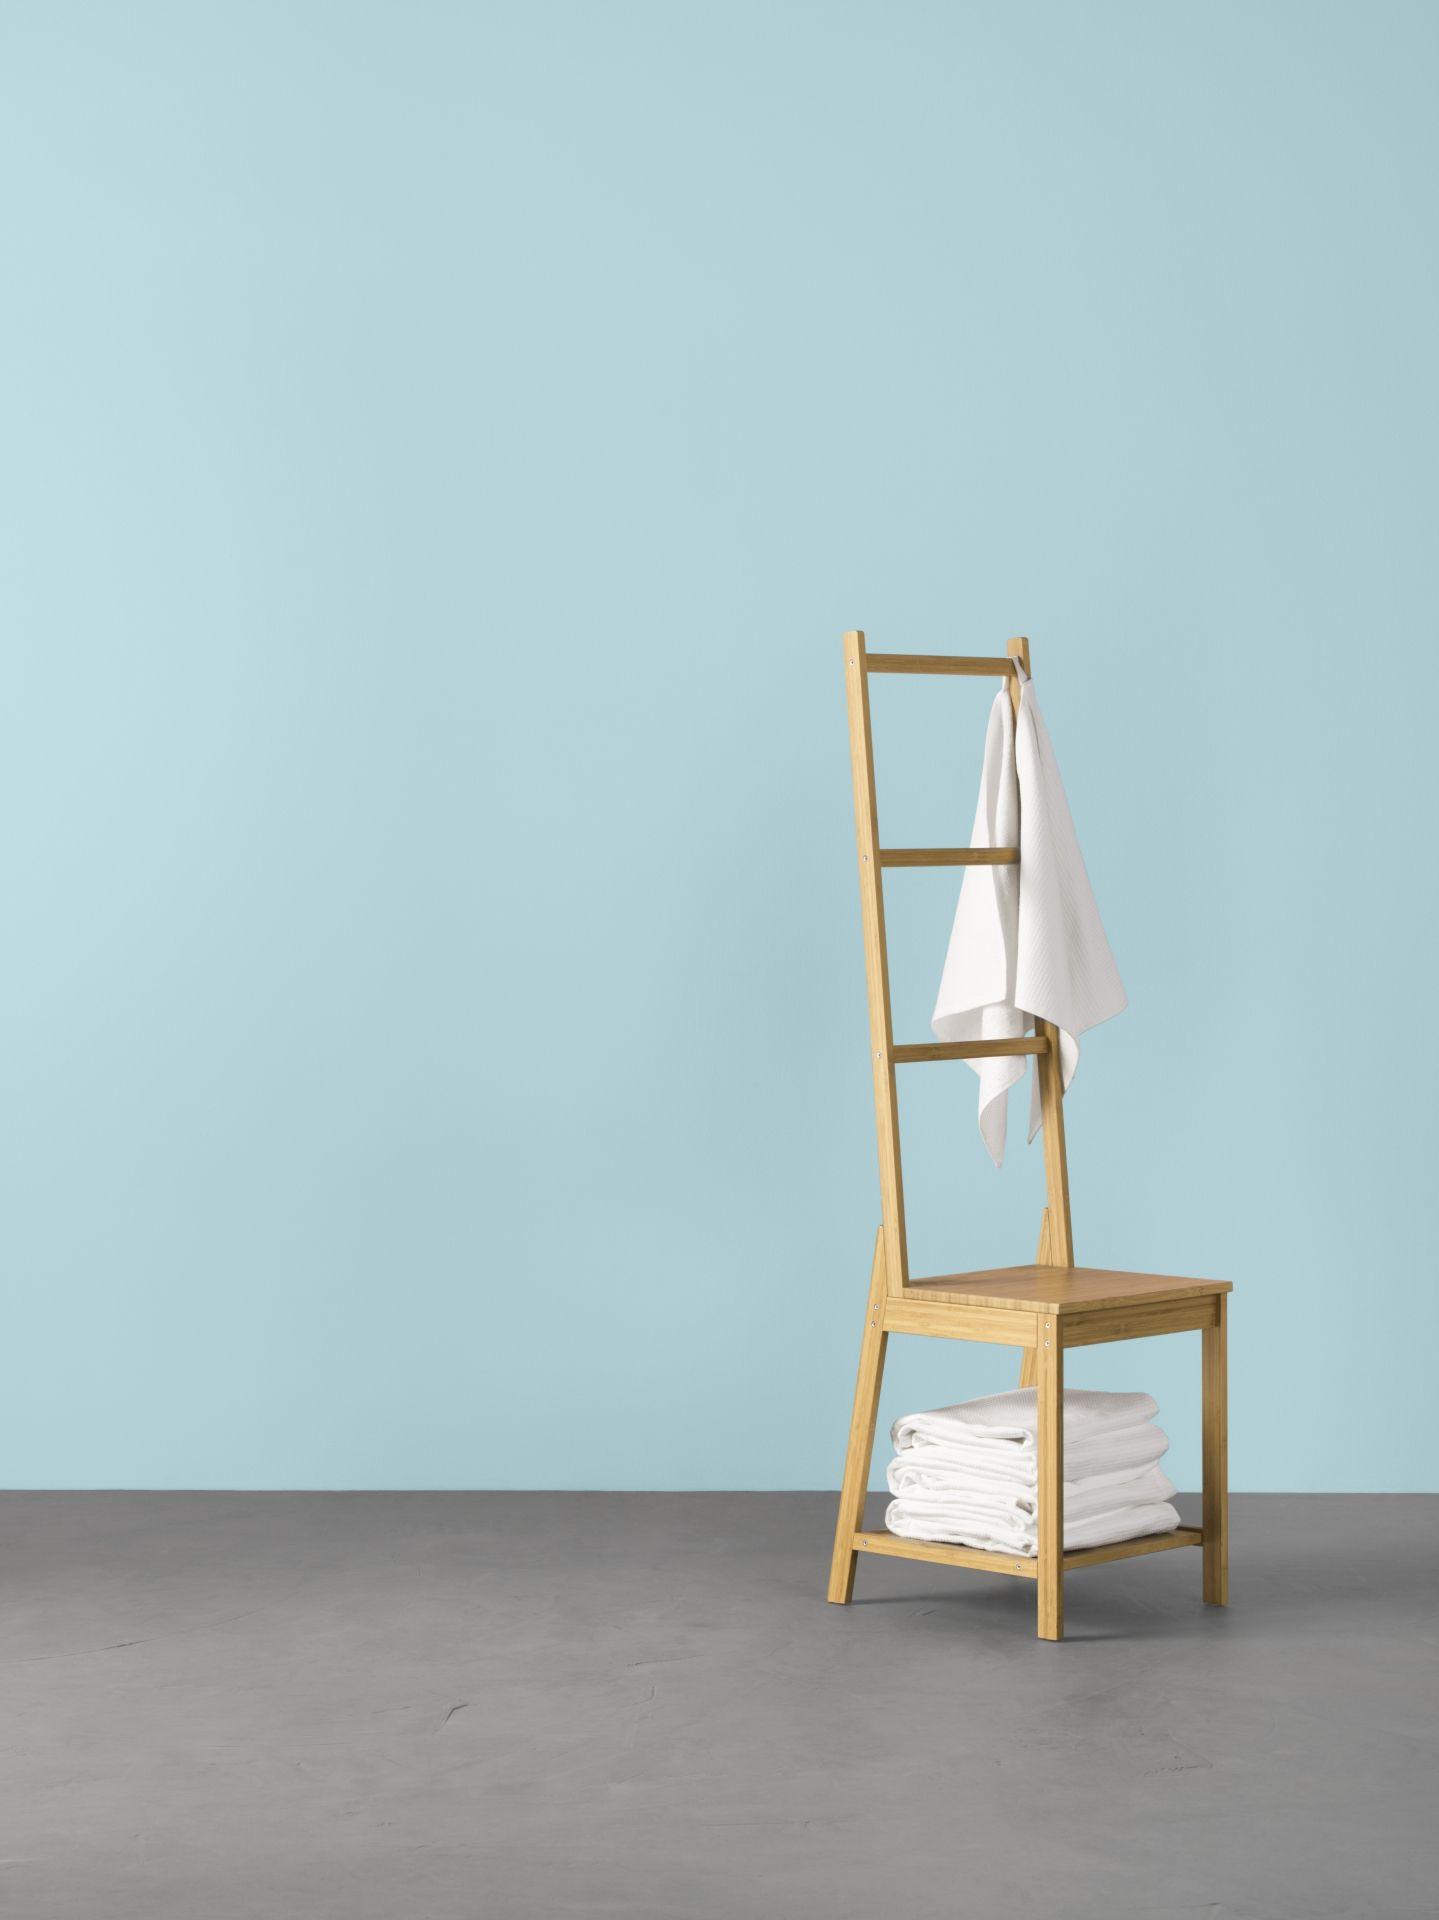 RÅGRUND Stoel met handdoekenrek, bamboe | H O M E | Pinterest | Catalog